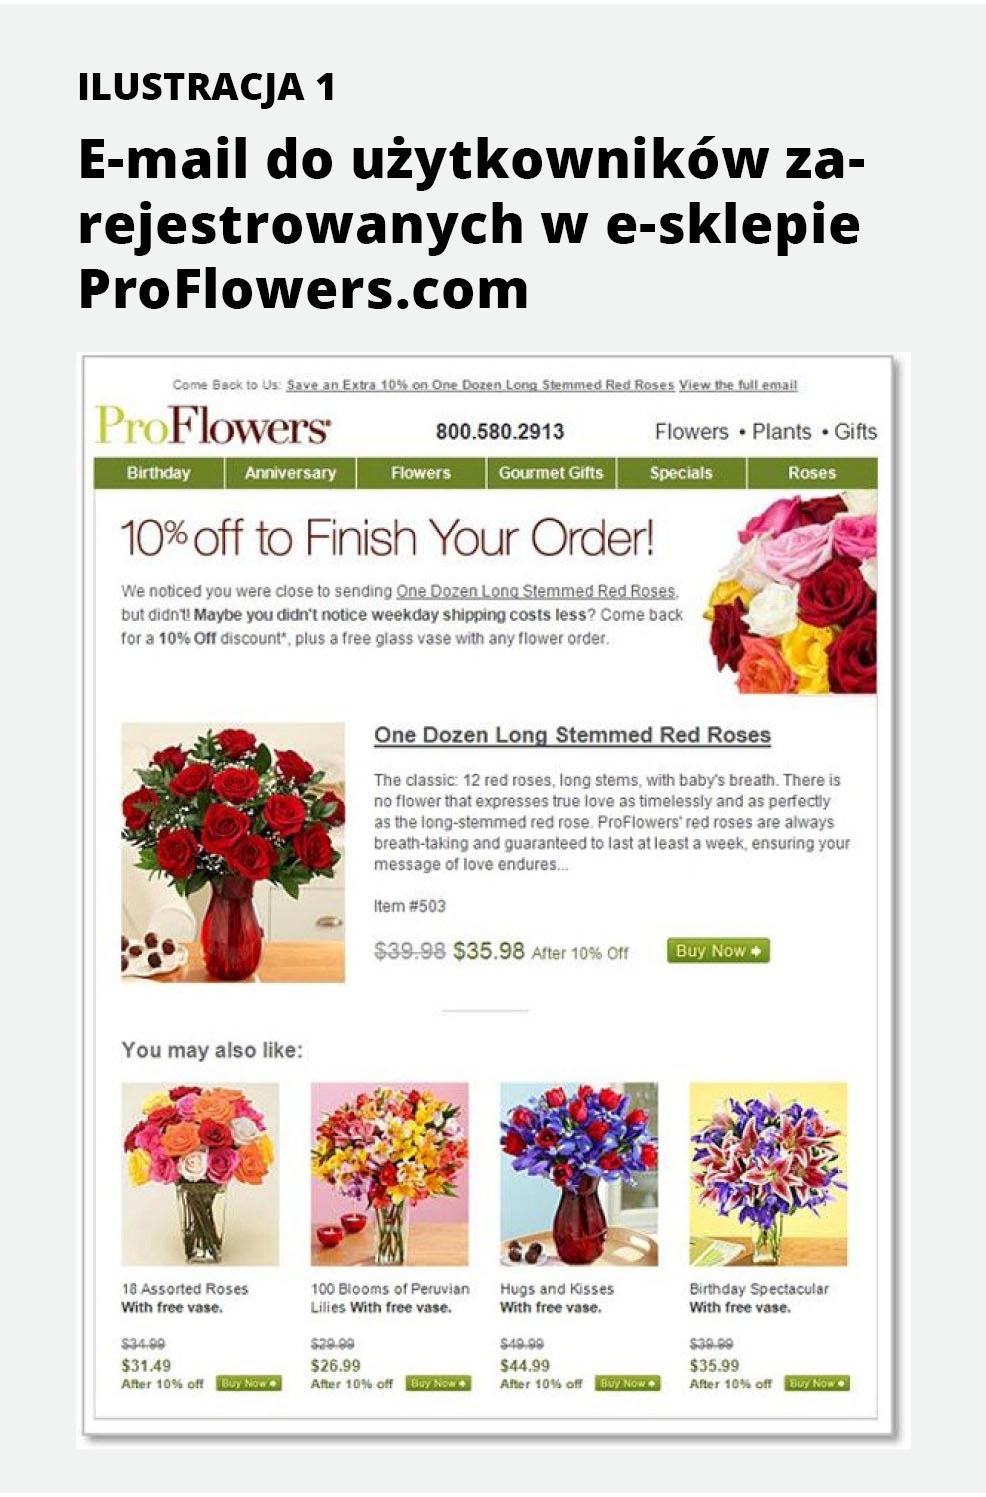 Personalizowany e-mail do użytkowników e-sklepu ze zdjęciami produktów- kwiatów